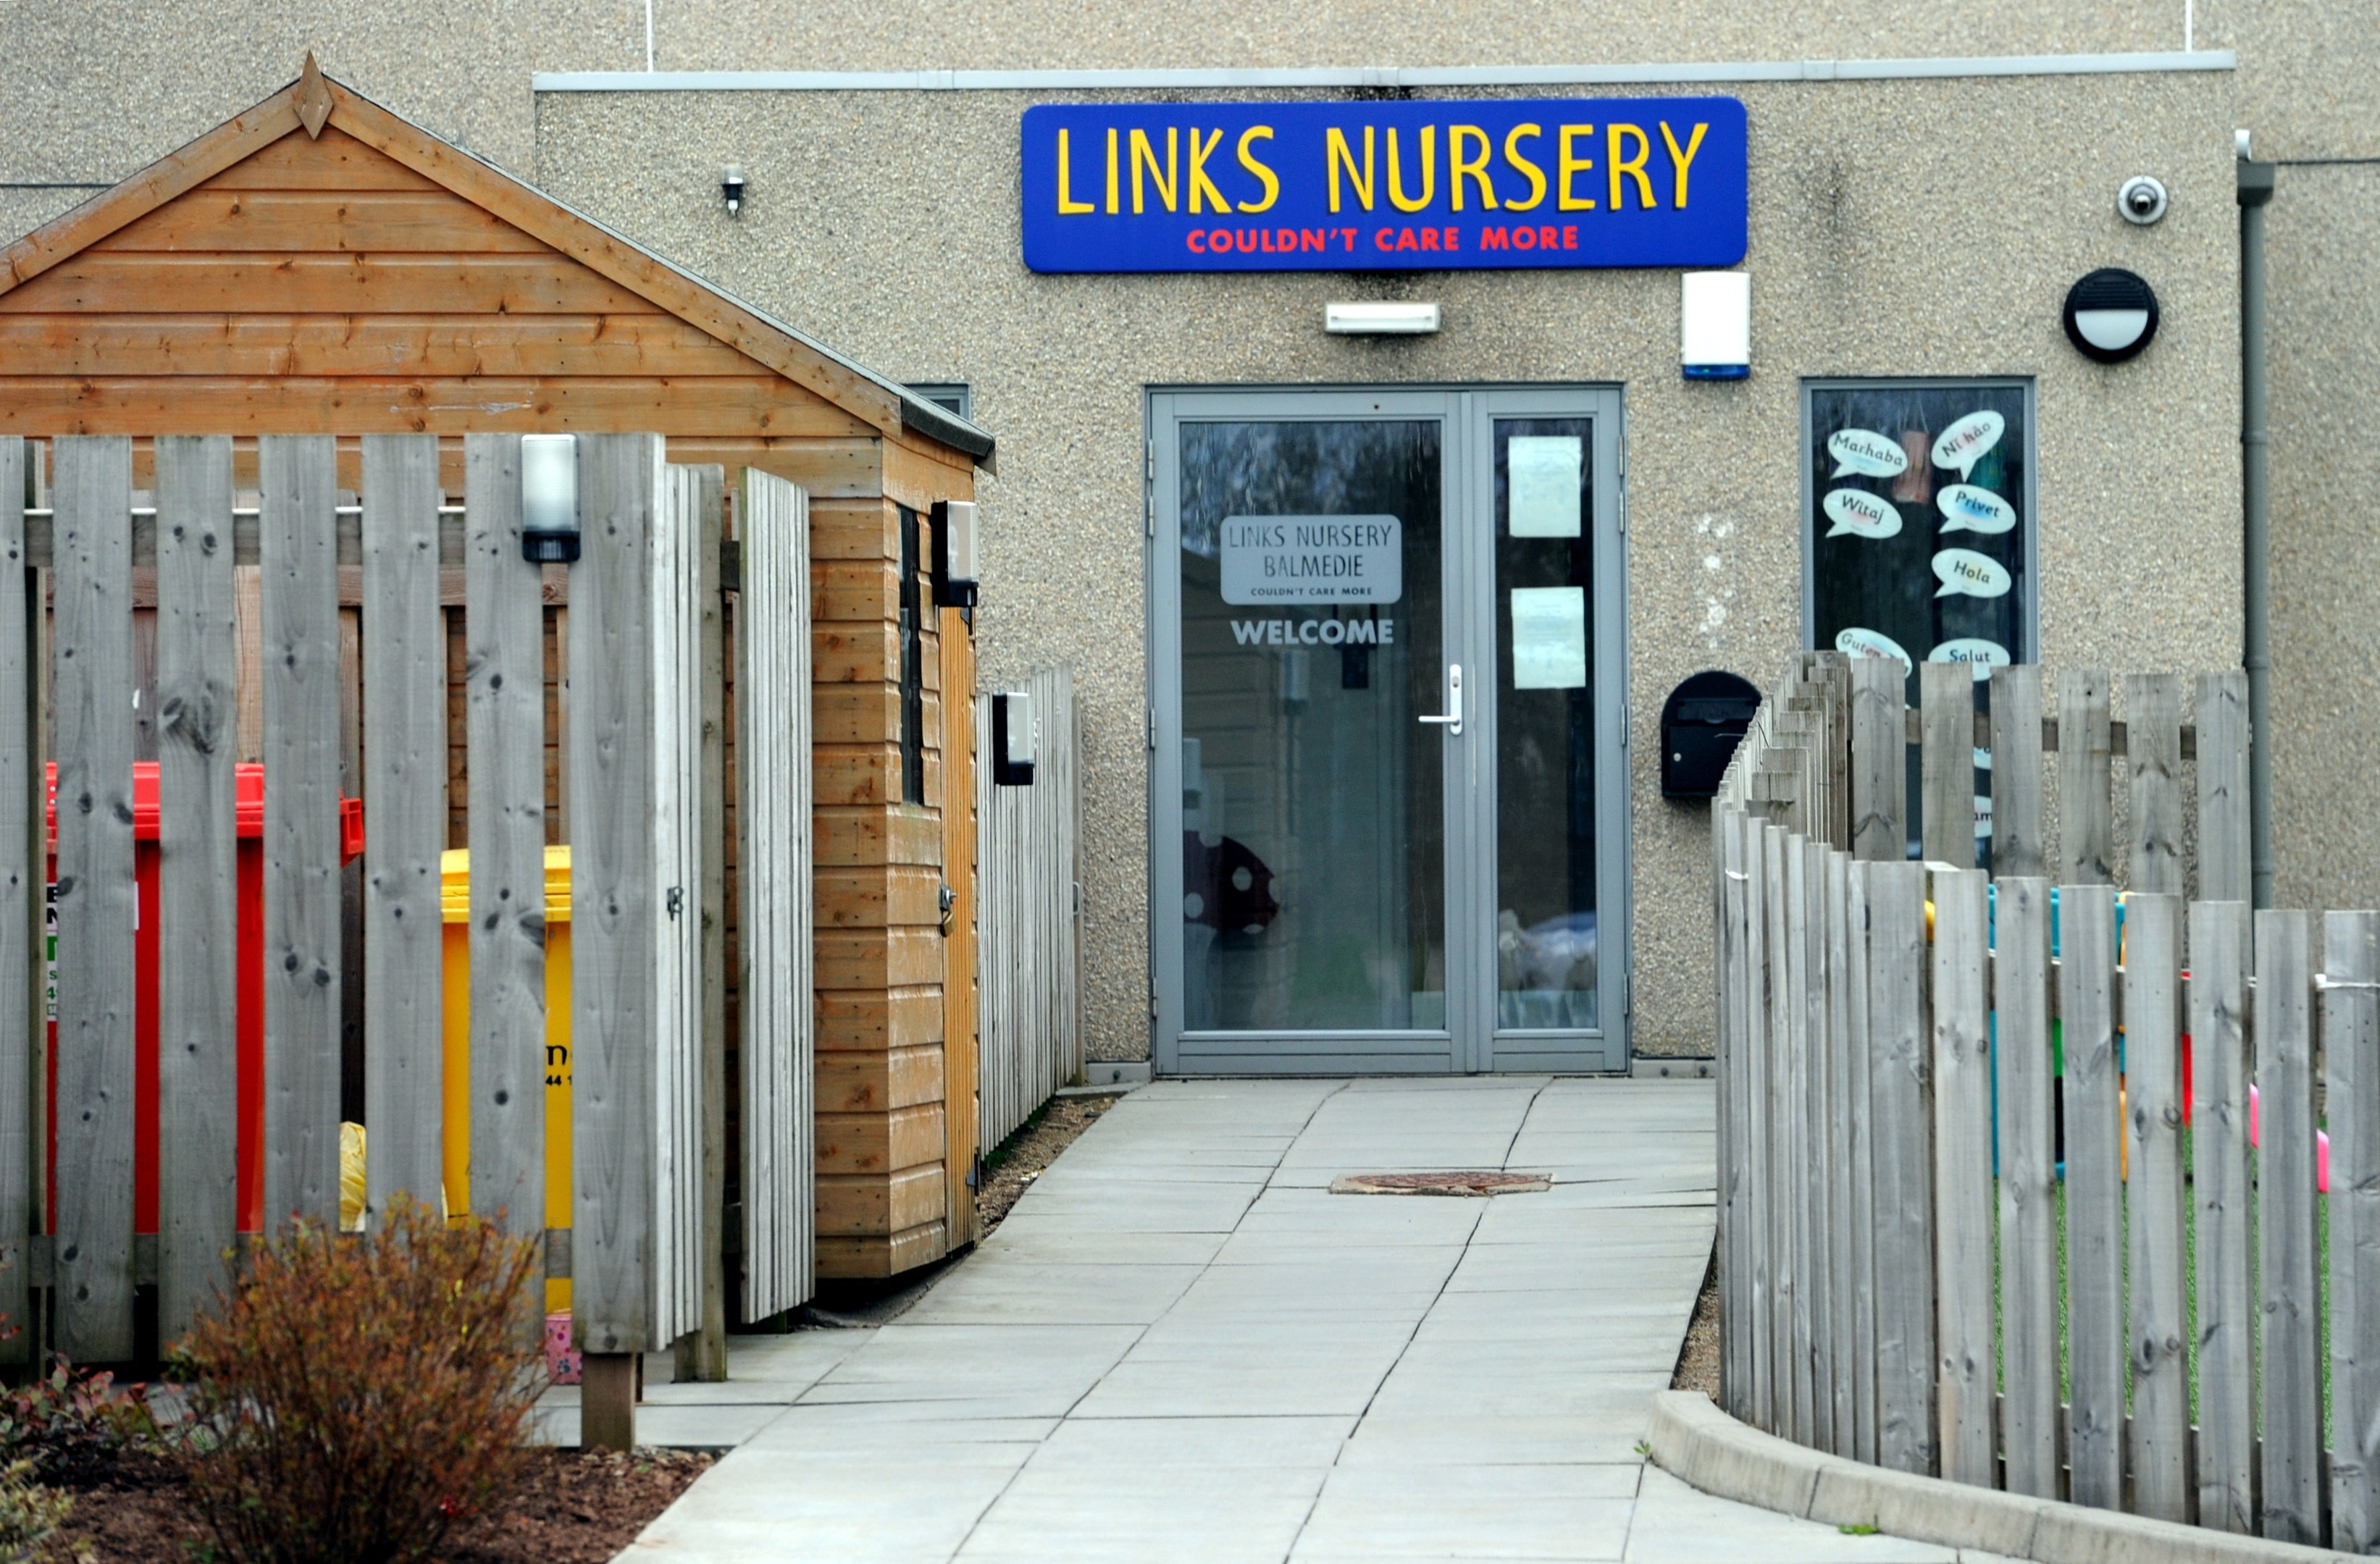 Links Nursery, in Balmedie.